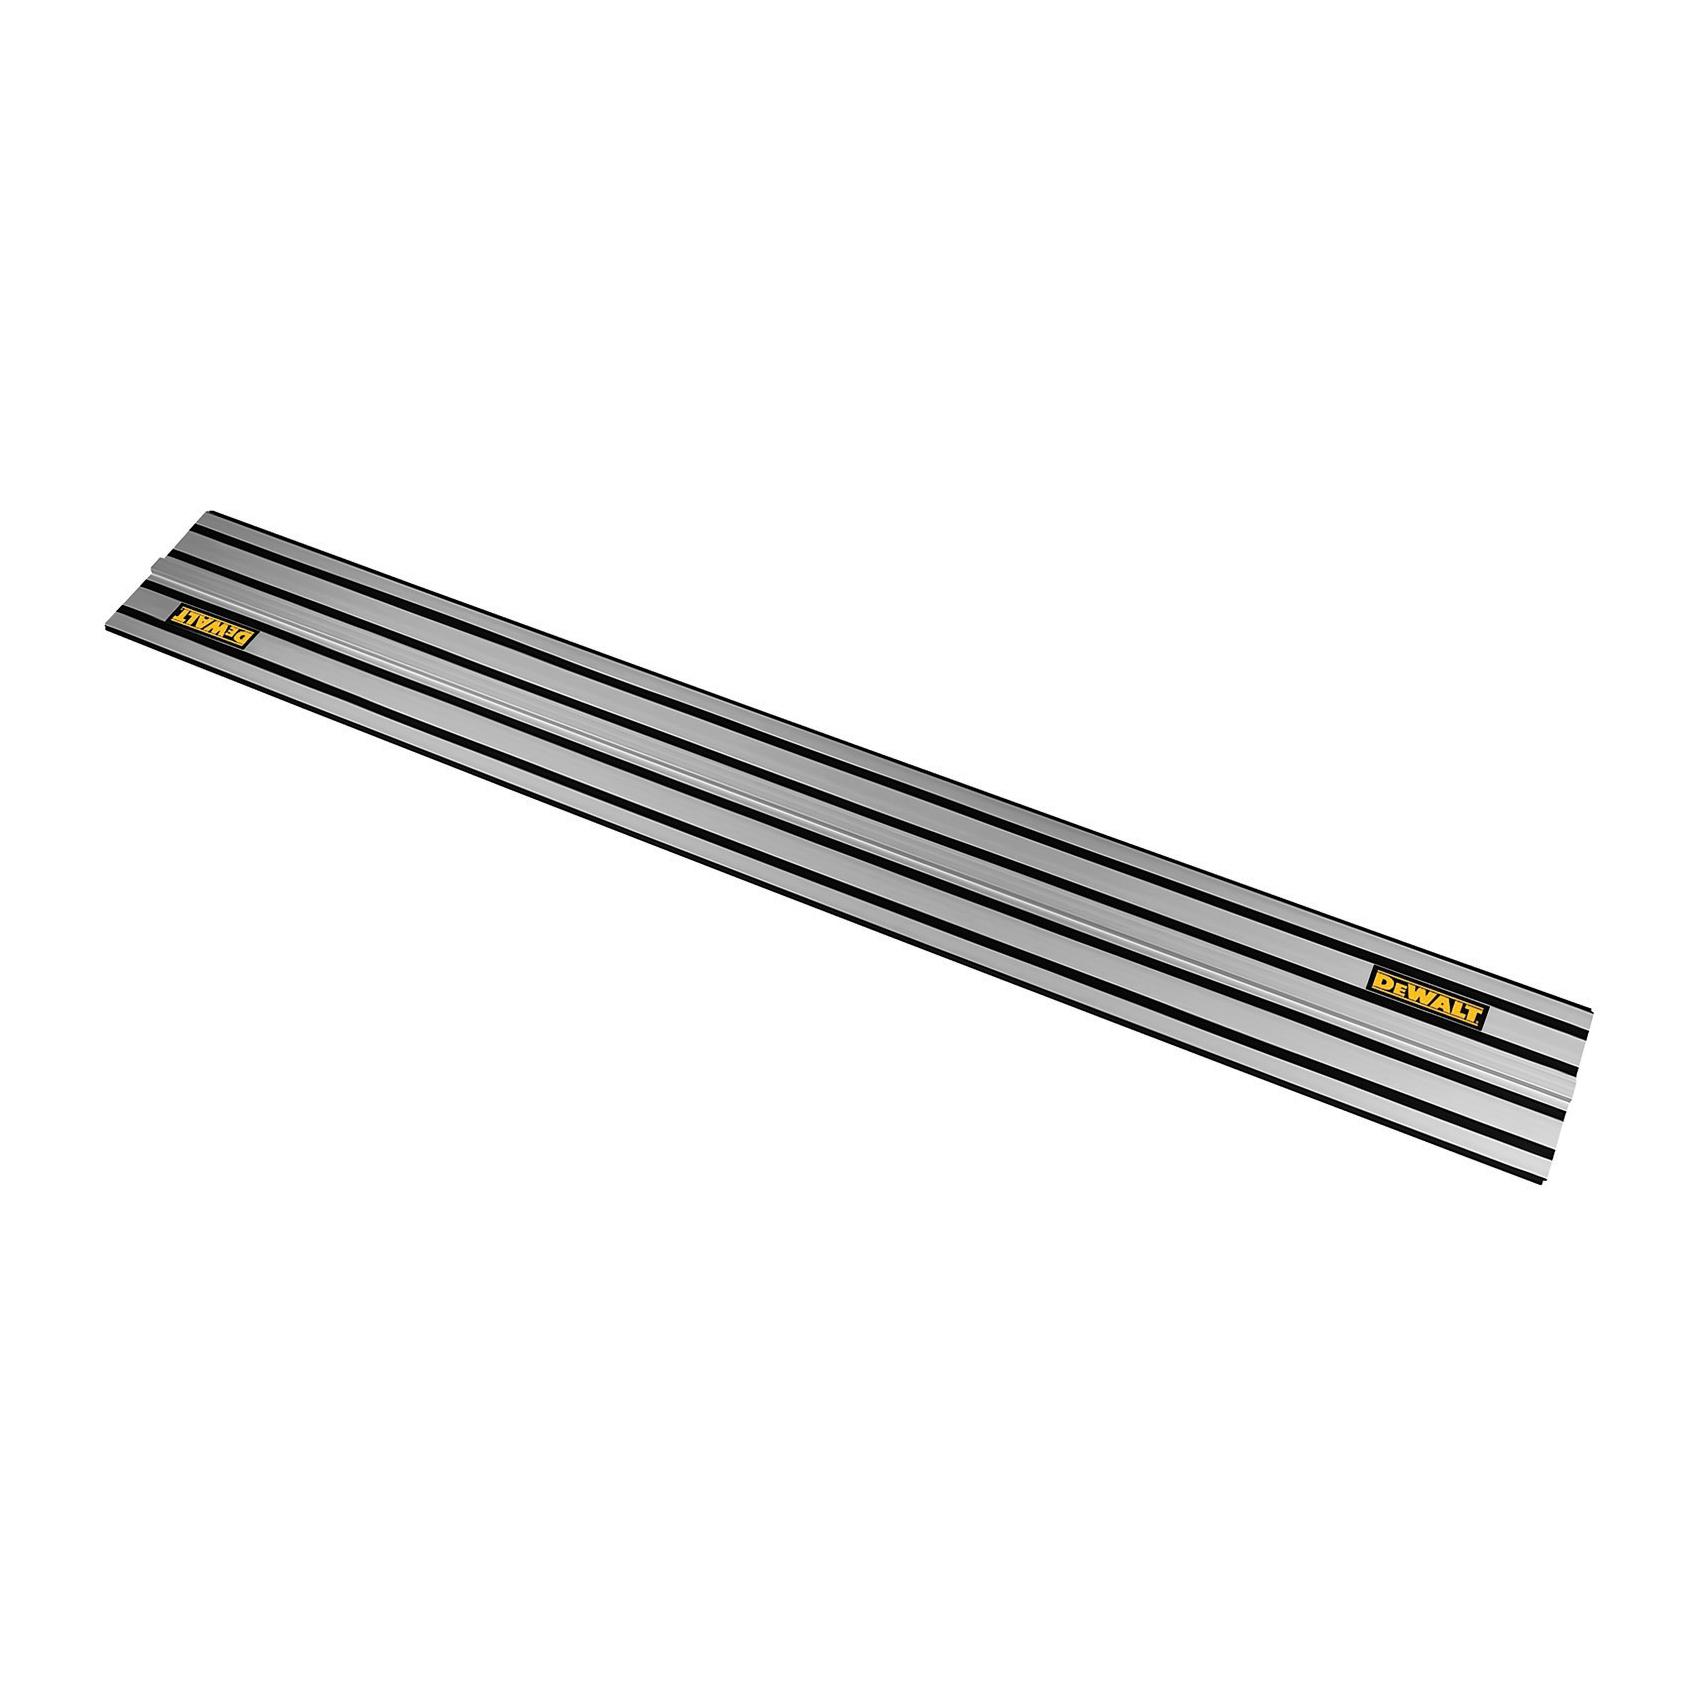 DeWALT® TrackSaw™ DWS5022 Track, For Use With DeWALT® Corded Power Tools